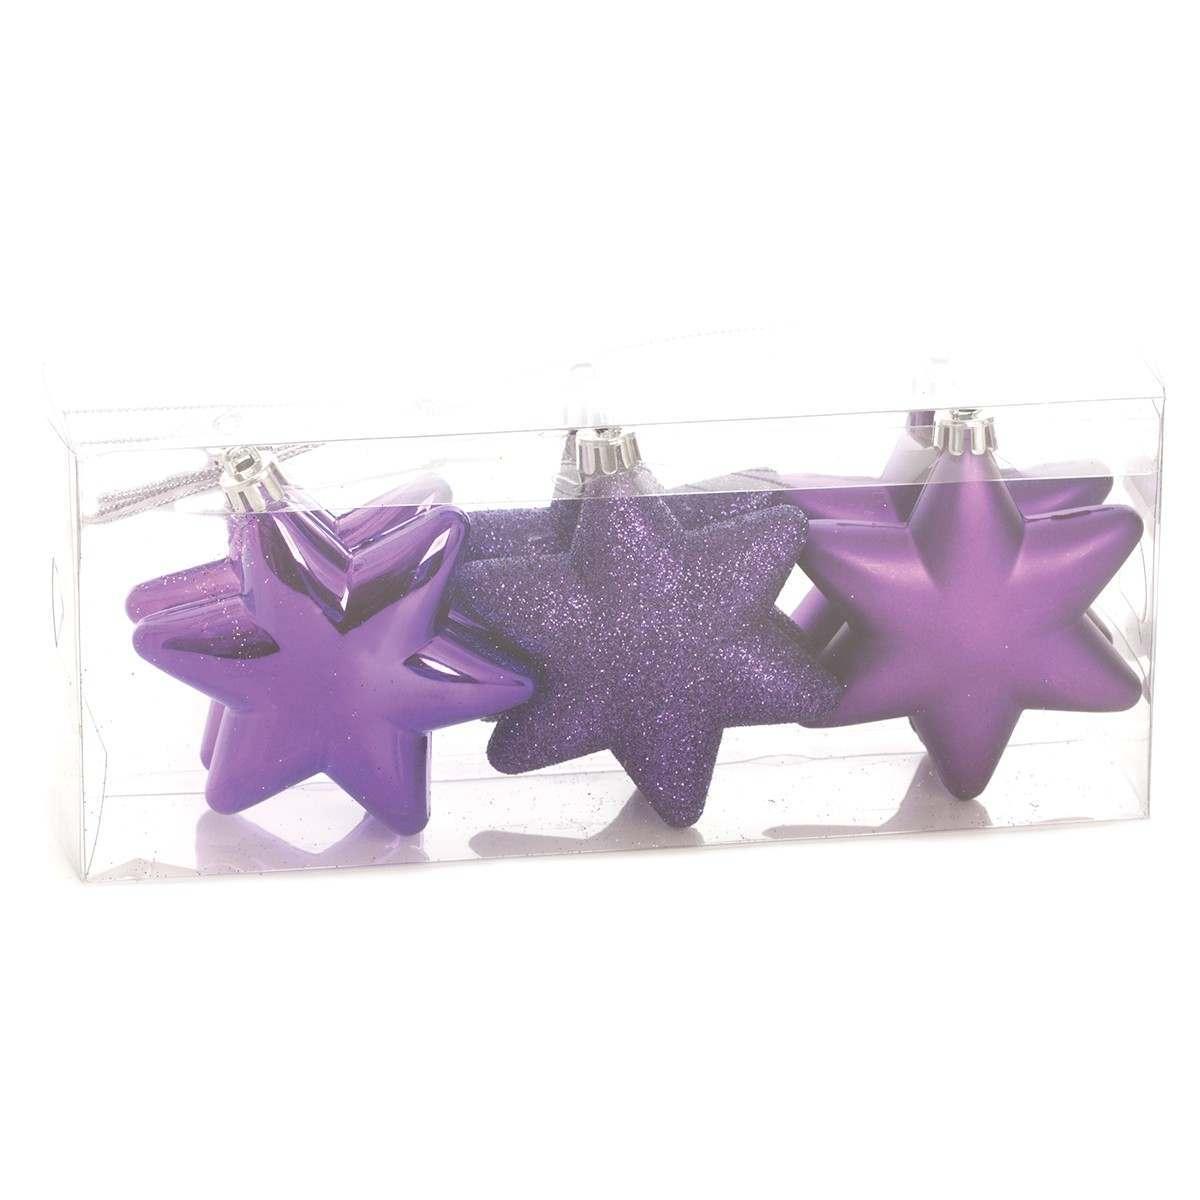 6 x 75MM Assorted Matt Glitter Shiny Regal Purple Shatterproof Stars